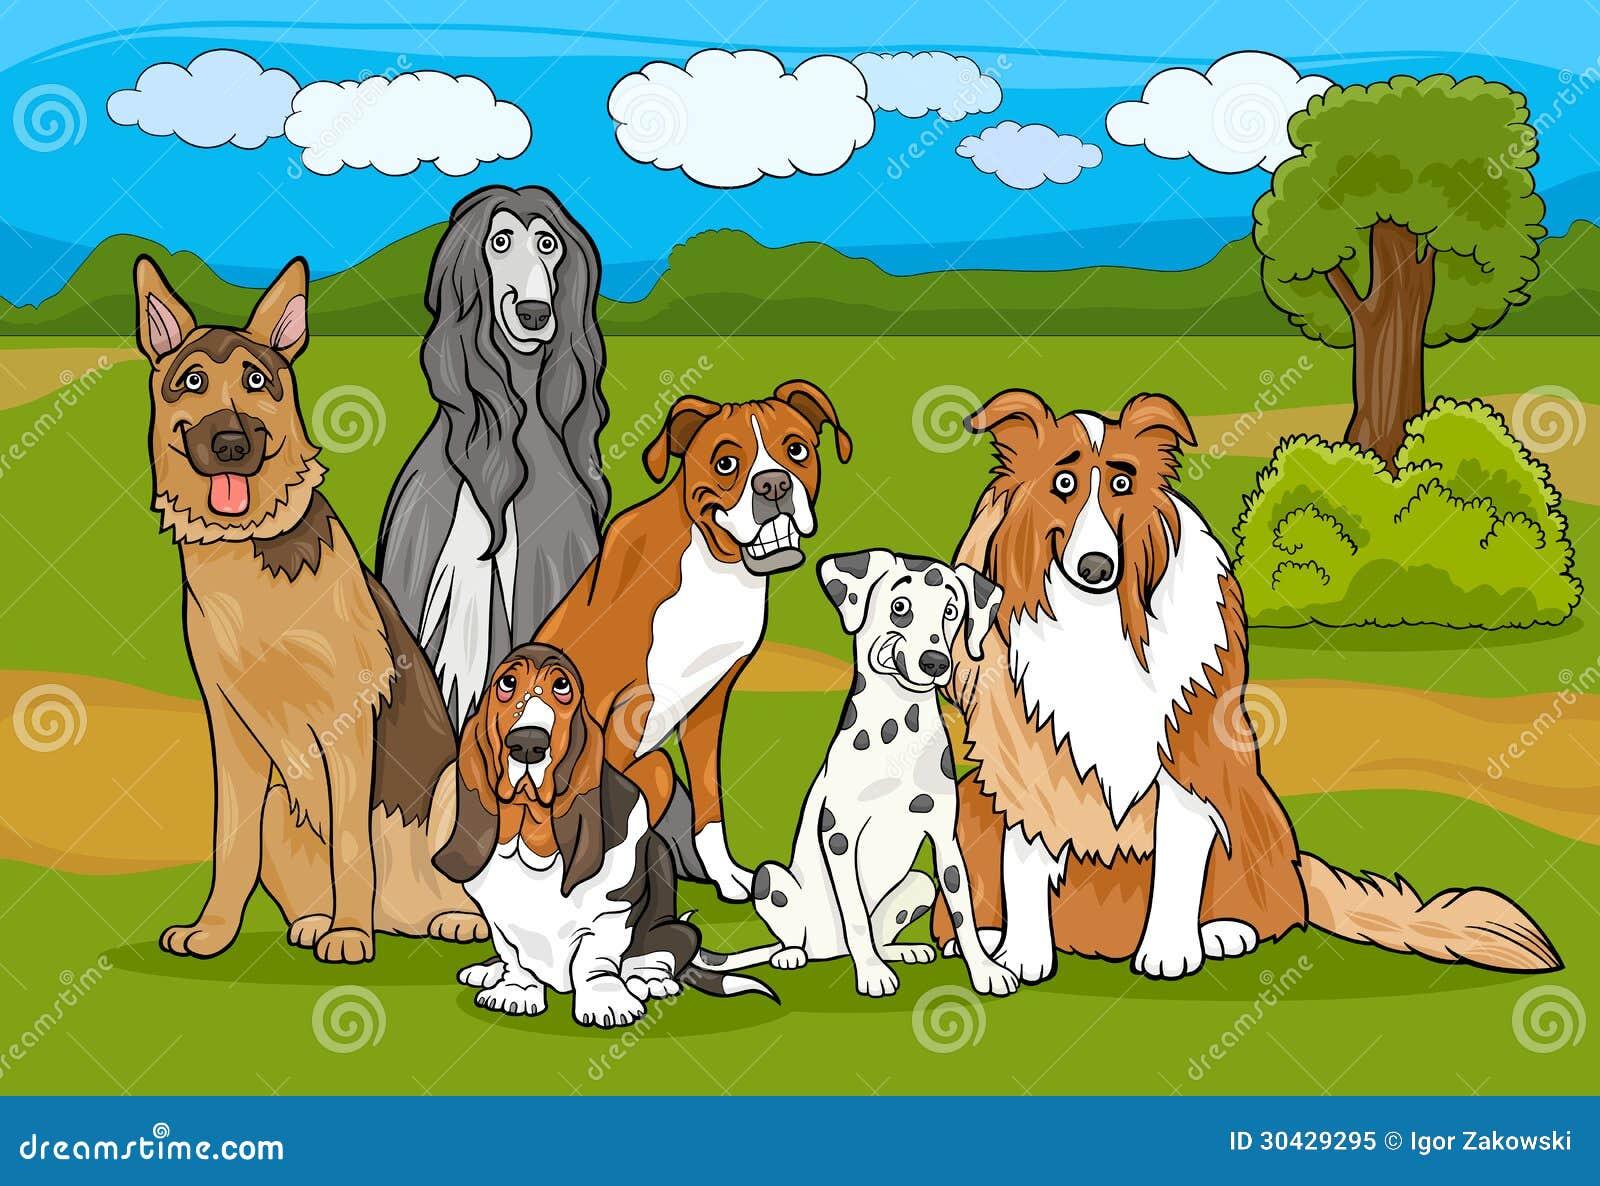 Ejemplo criado en línea pura lindo de la historieta del grupo de los perros